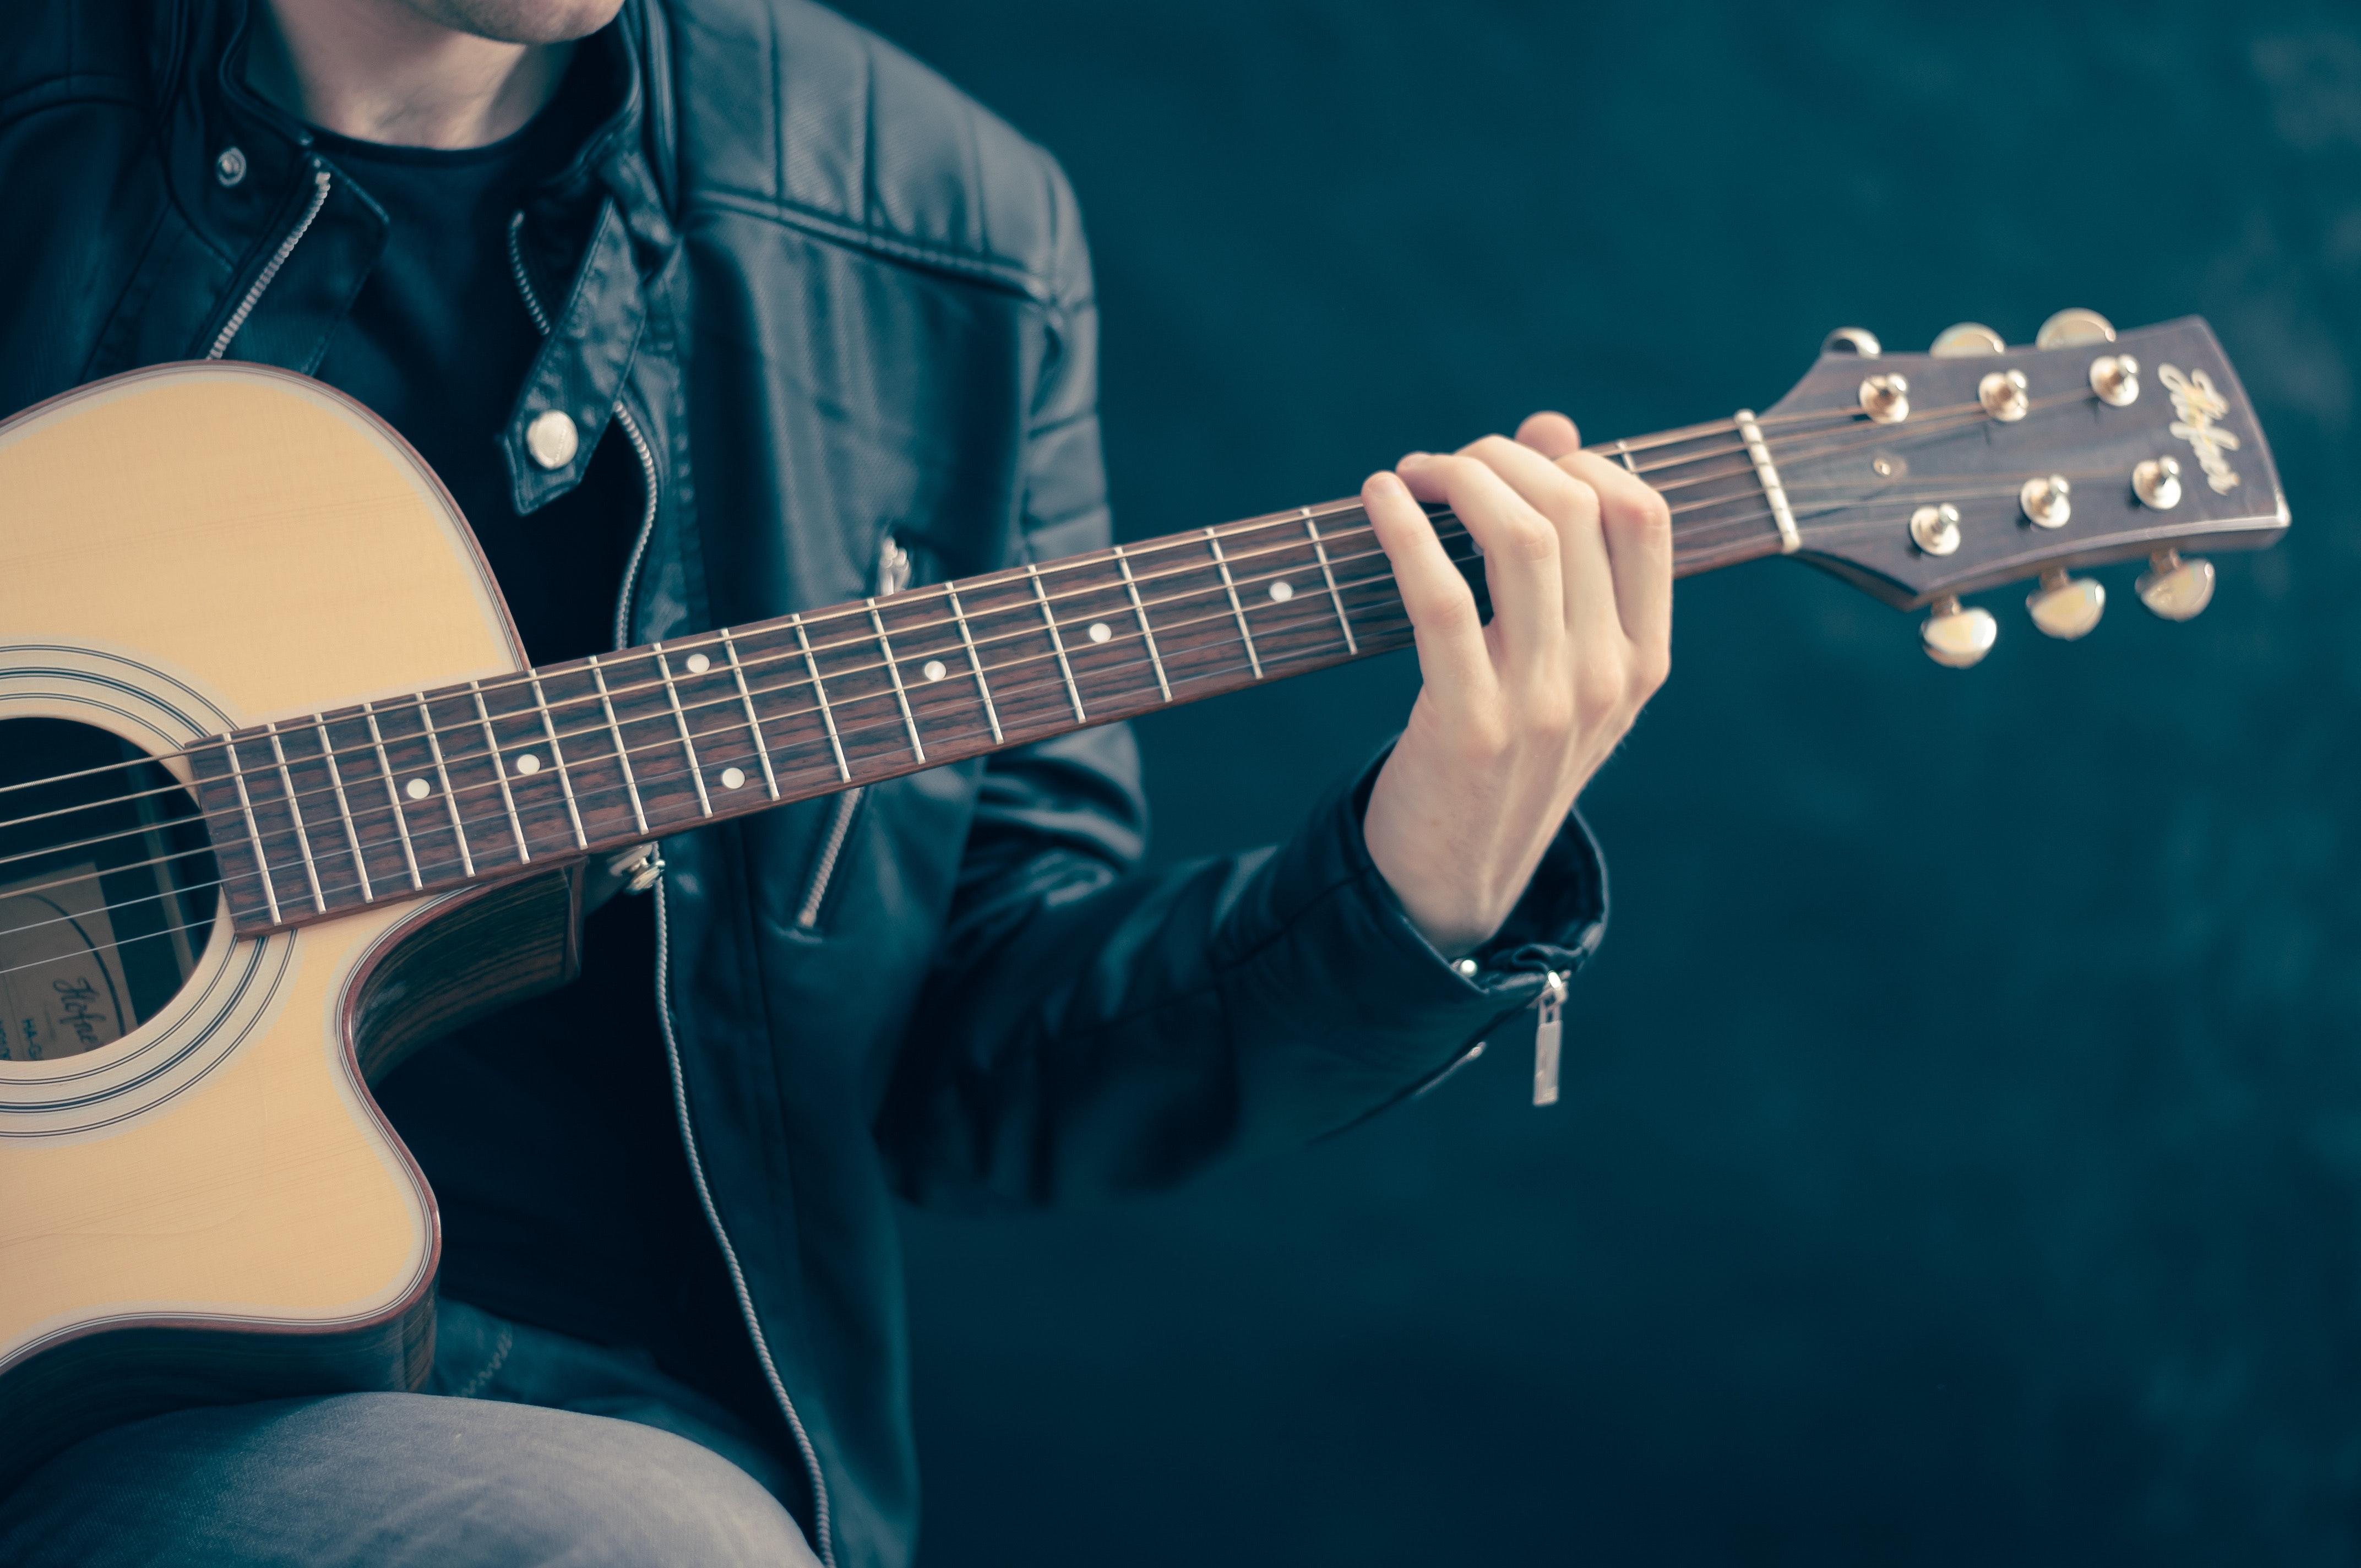 Musikalisches Talent